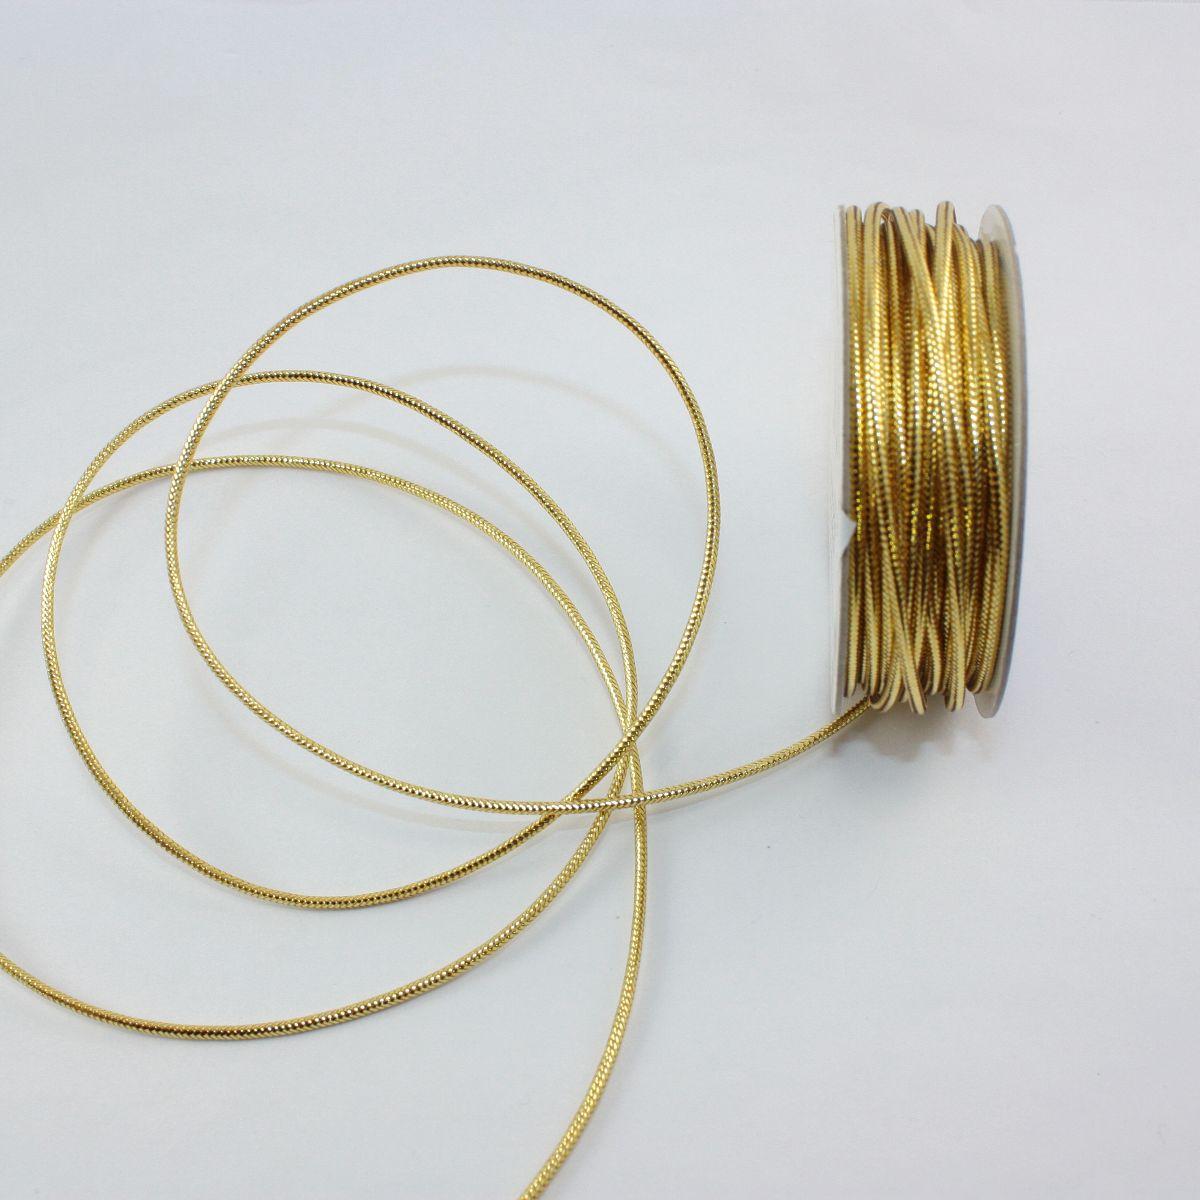 Cordelette en bobine or 1.6 mm